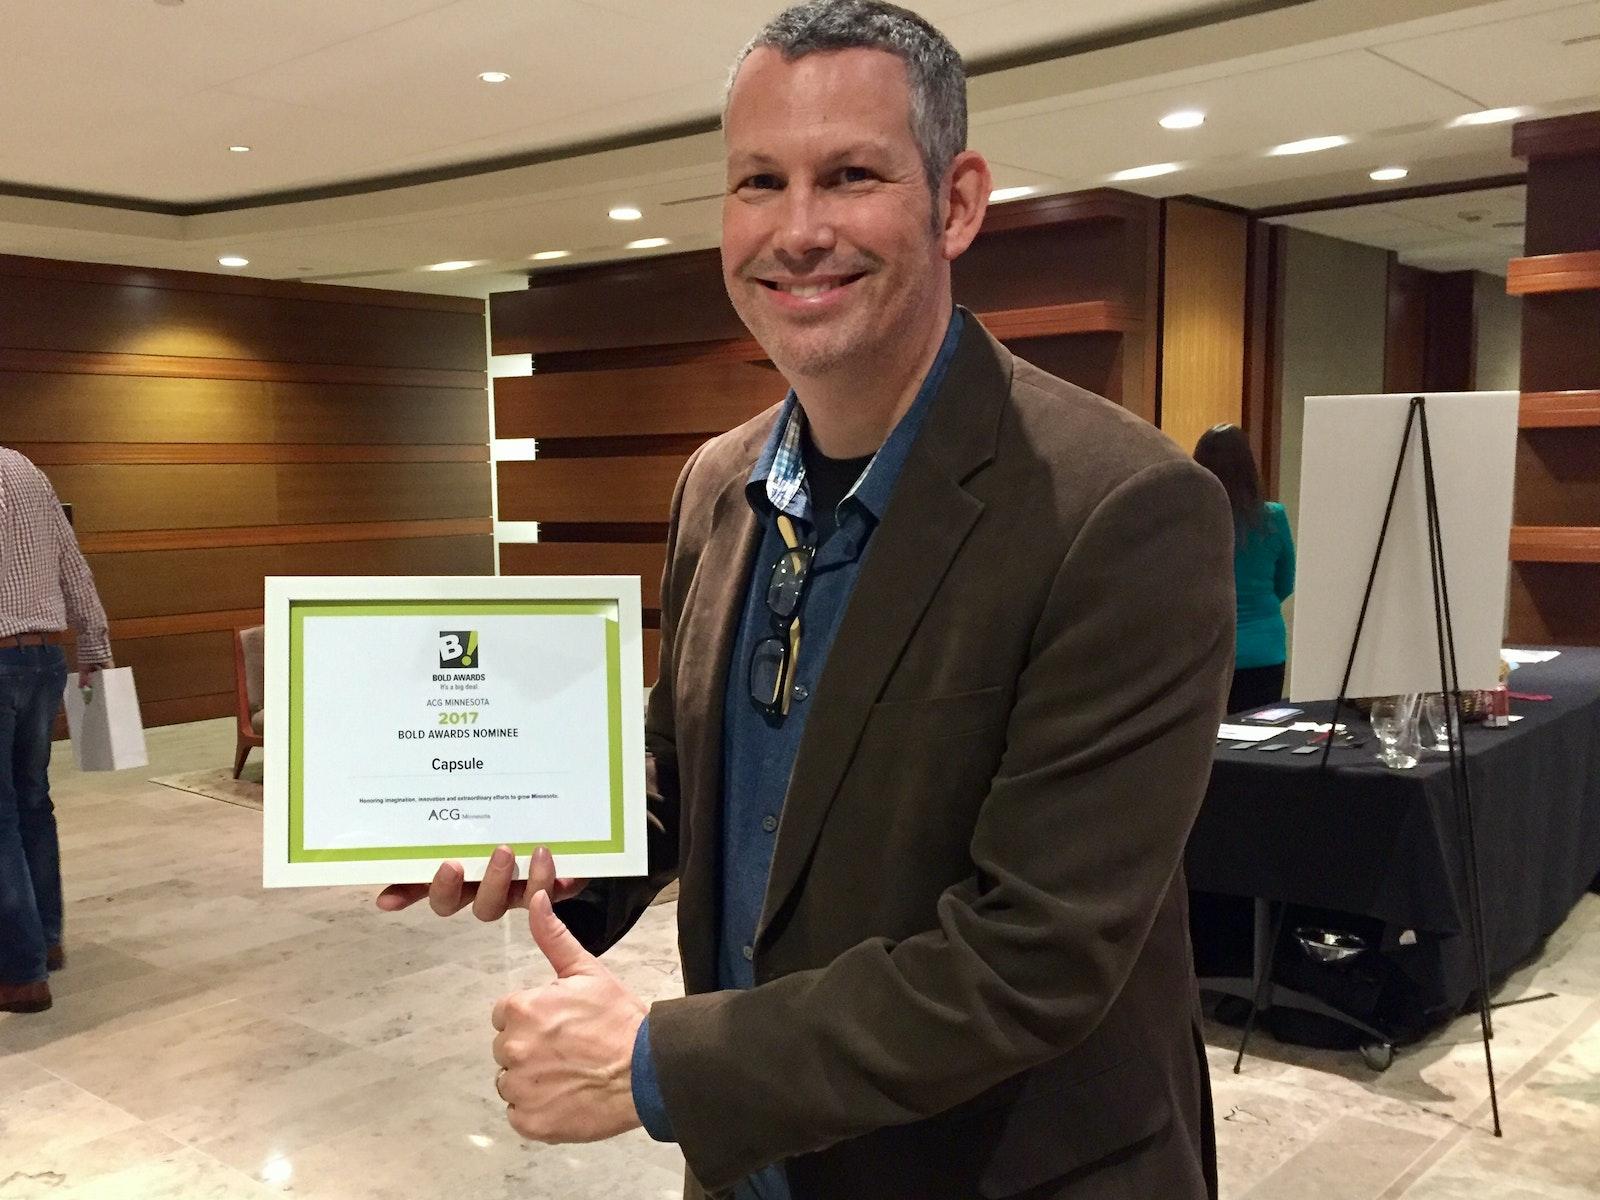 Capsule BOLD Award